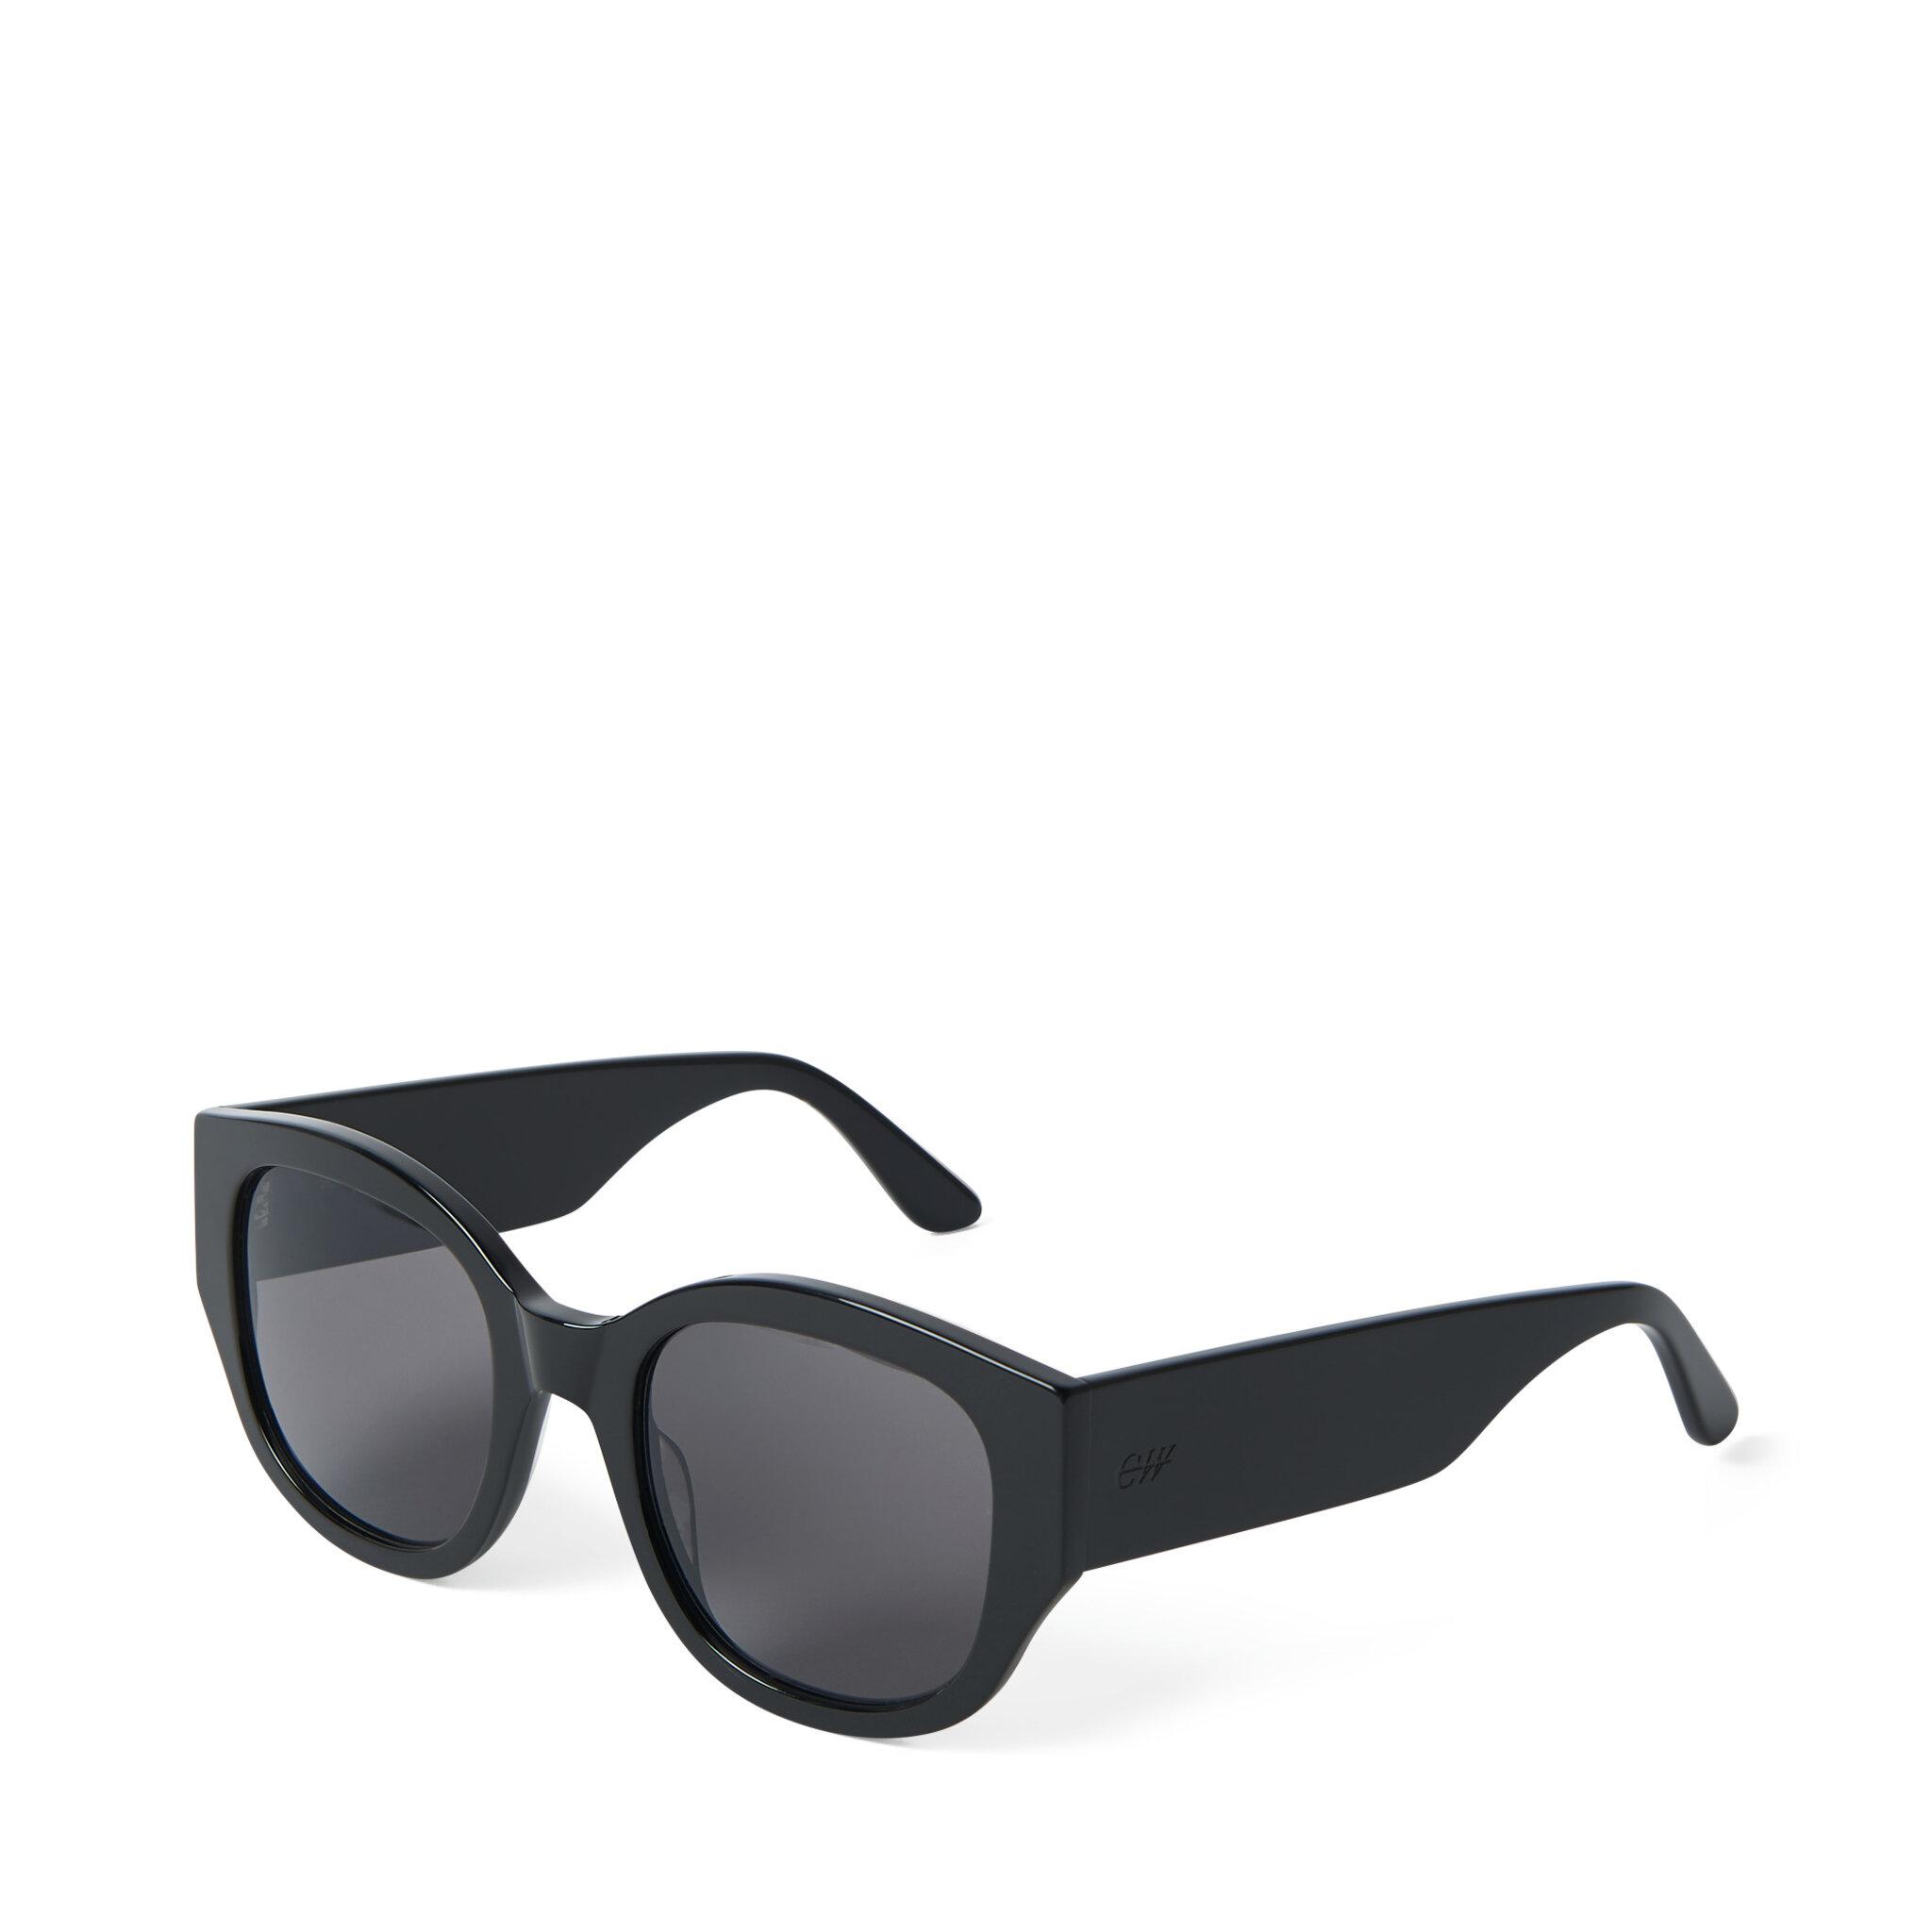 Solglasögon BIGGIES